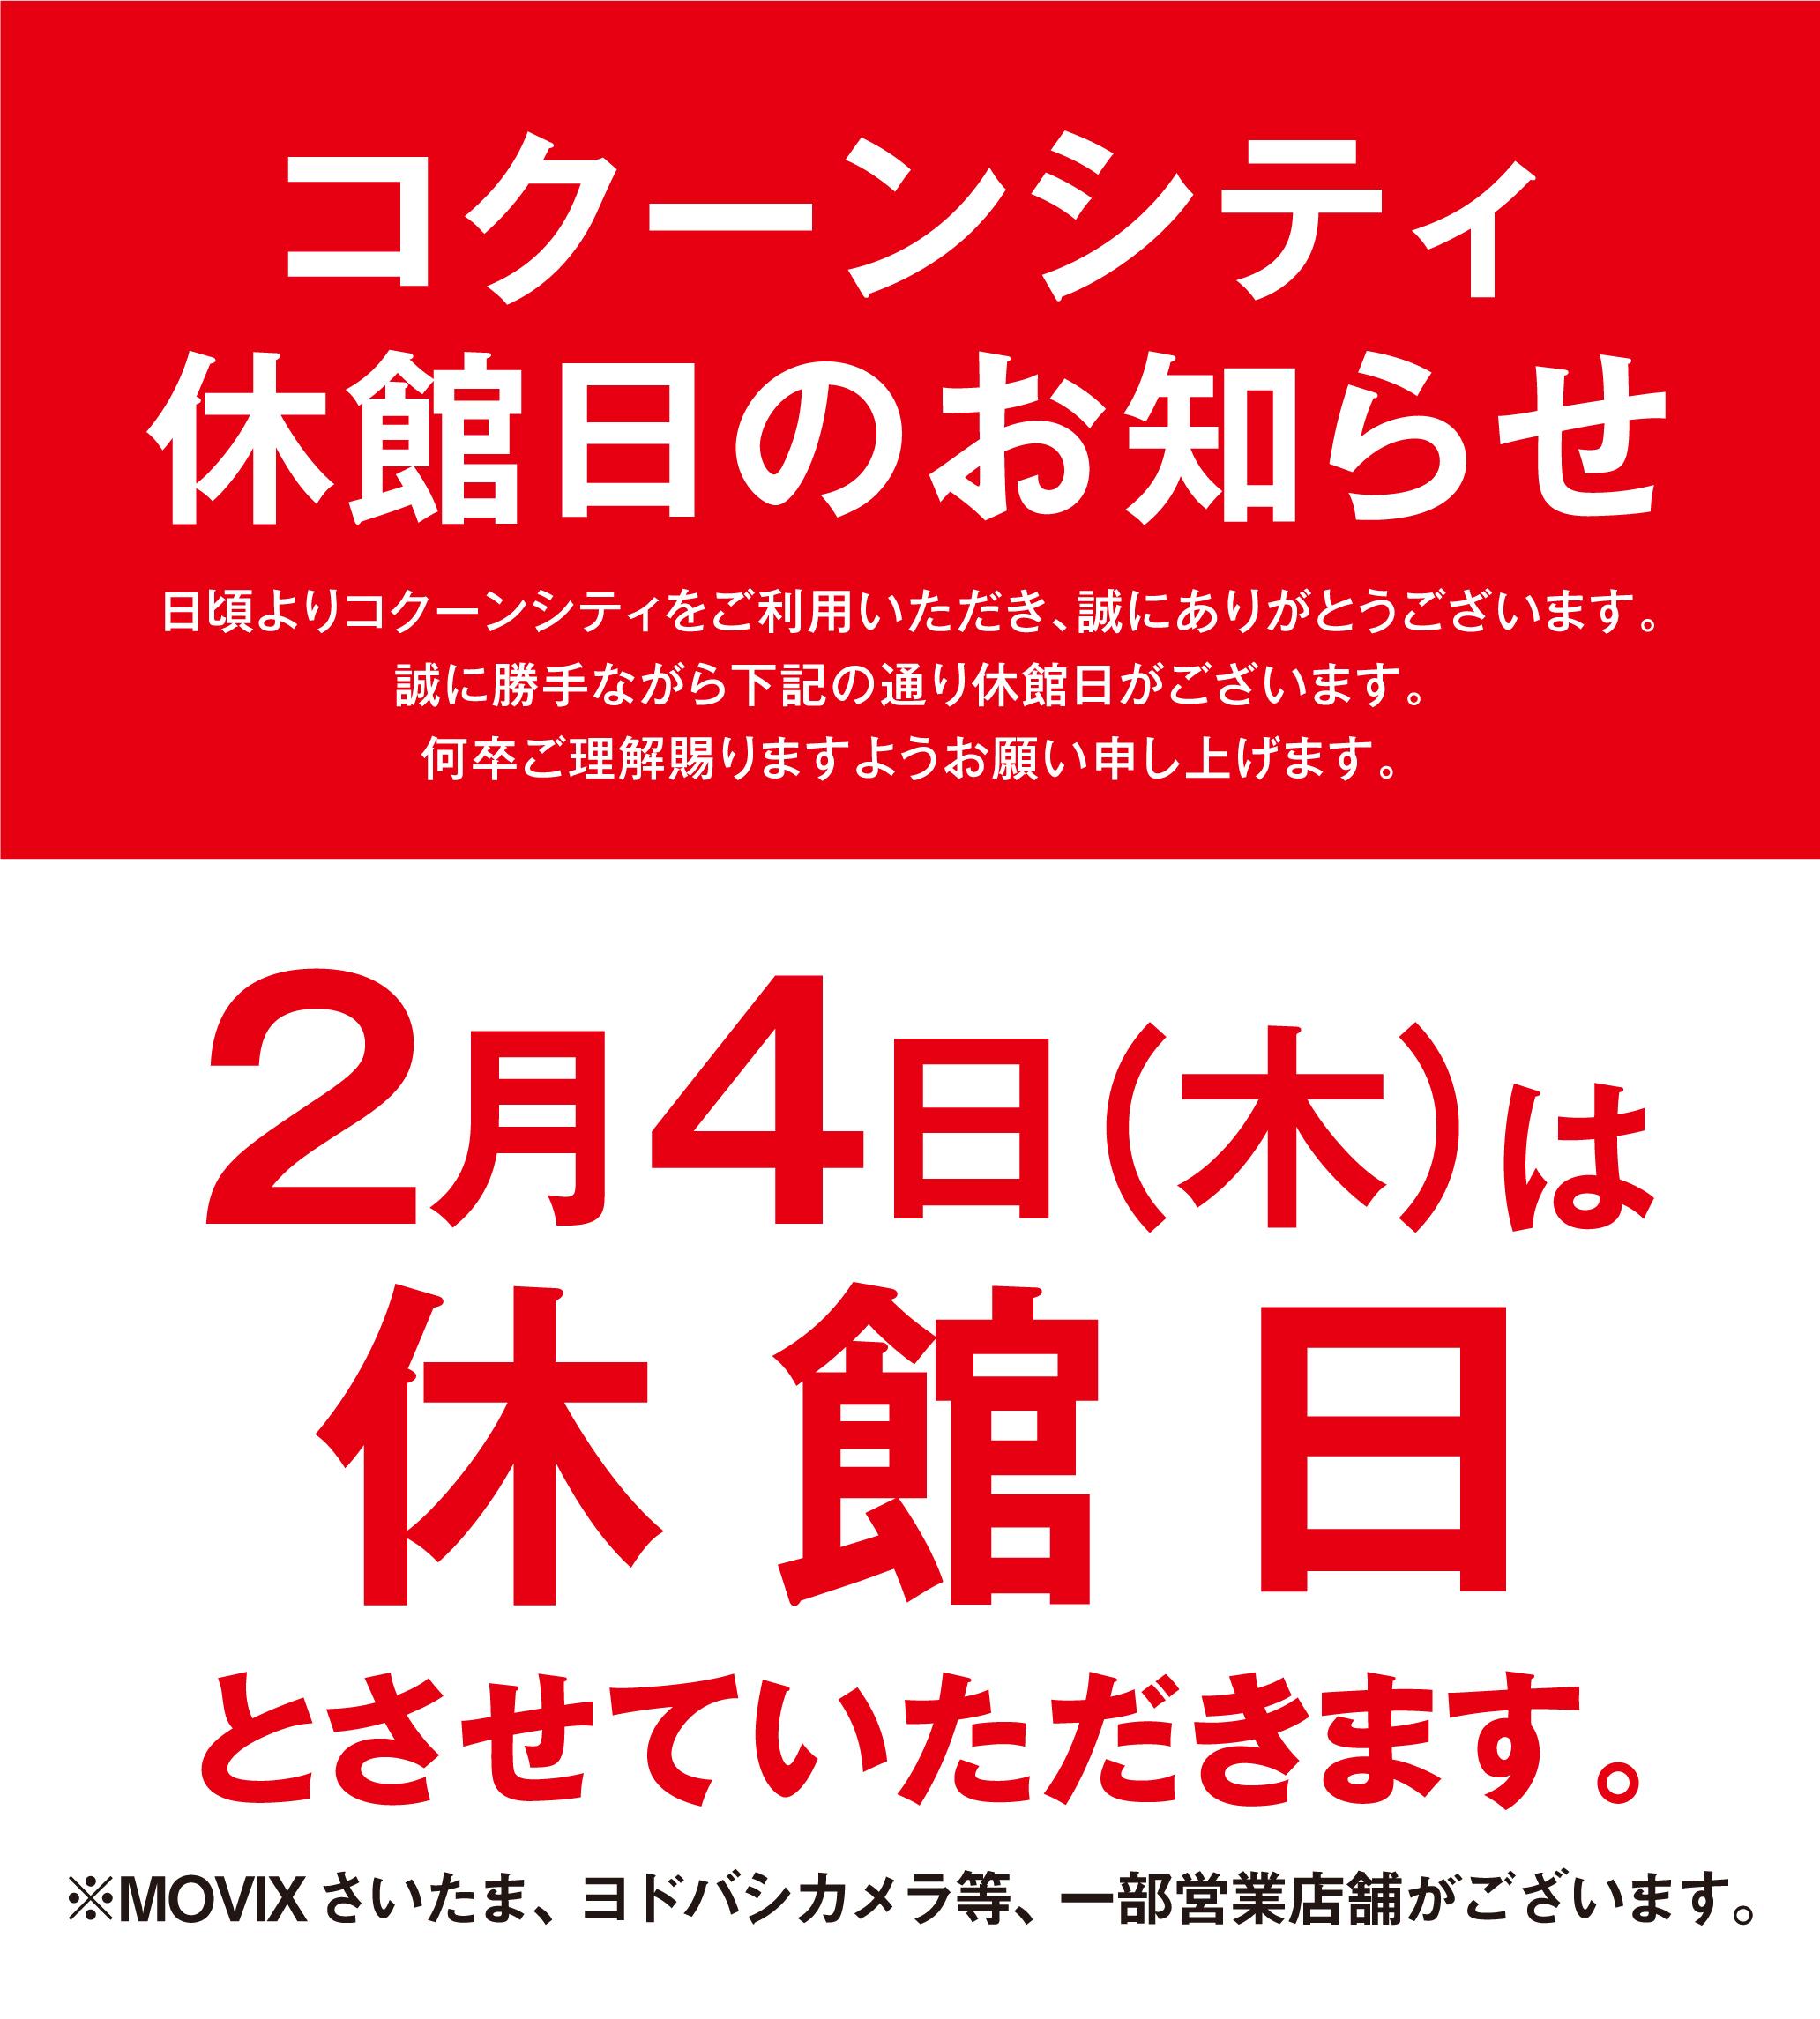 2月4日(木)コクーンシティ休館日のお知らせ